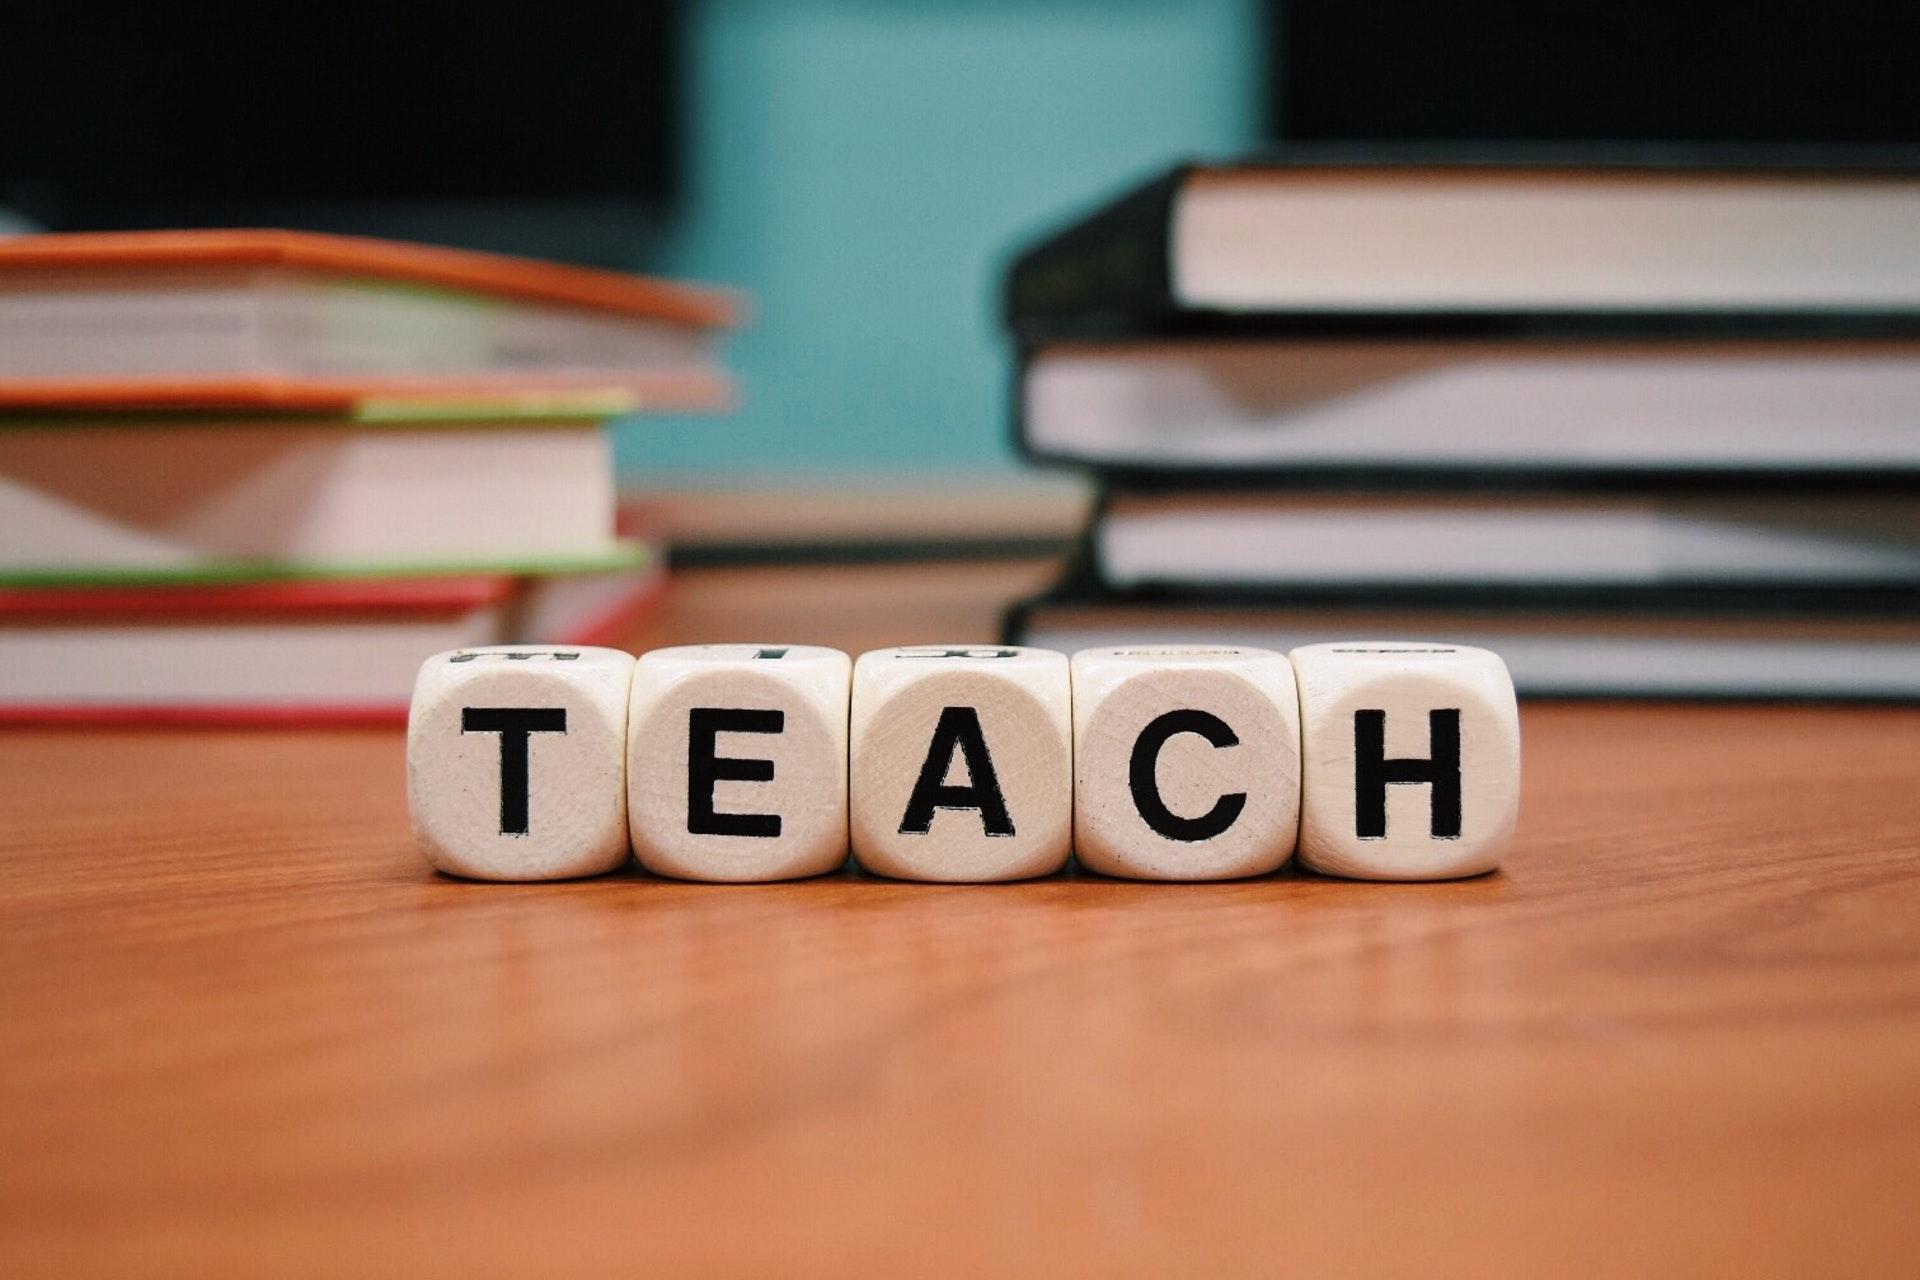 an image with word teach